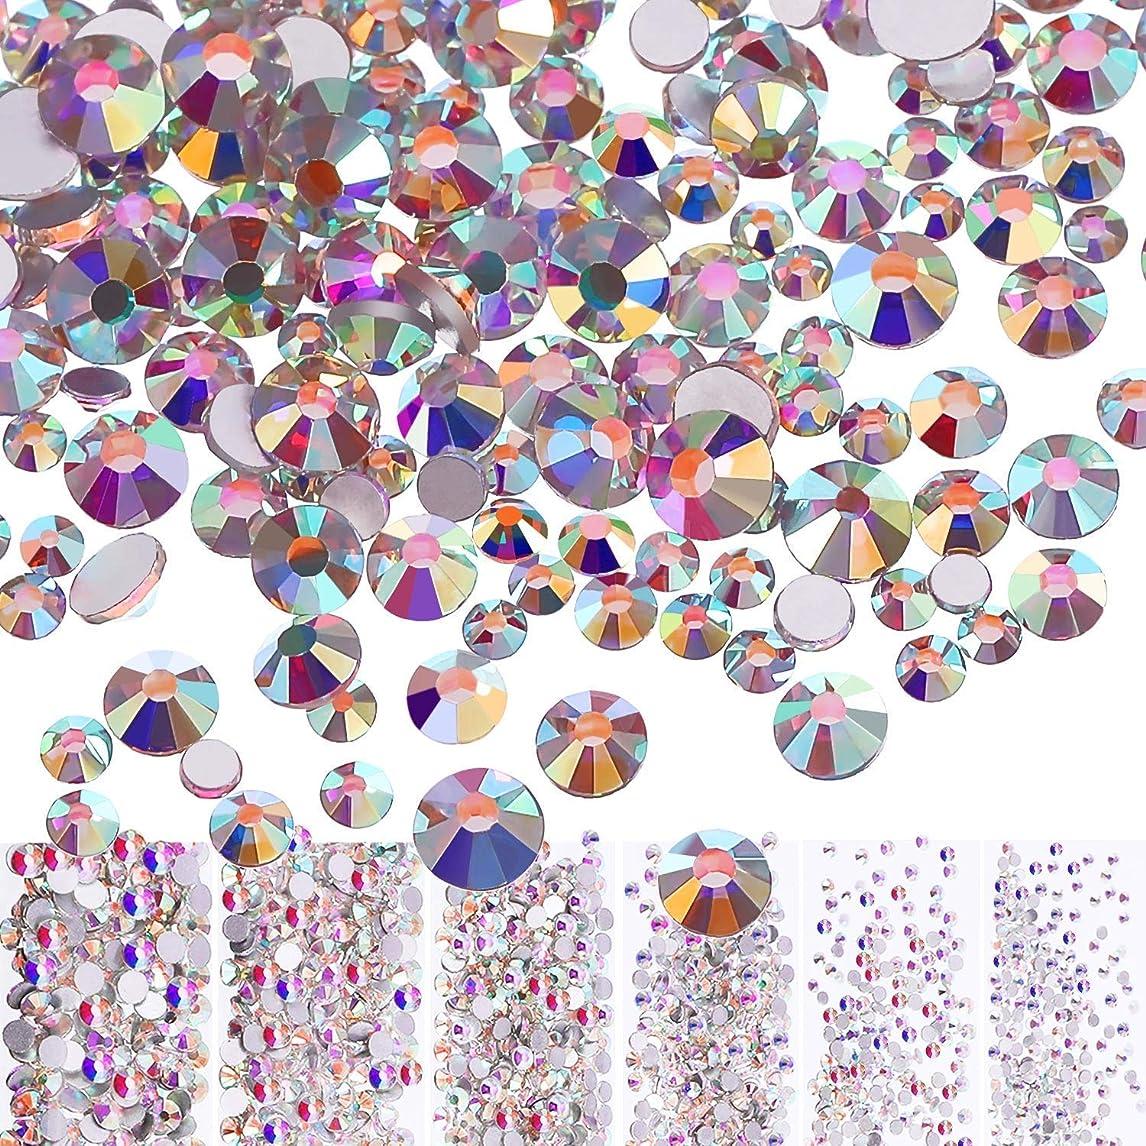 つかまえる帝国息を切らしてMojoe 3168個ネイルクリスタルAbネイルアートラインストーンラウンドバックガラスチャーム宝石石、6サイズネイル用装飾化粧服靴(、混合Ss4 5 6 8 10 12)(クリスタルAb)